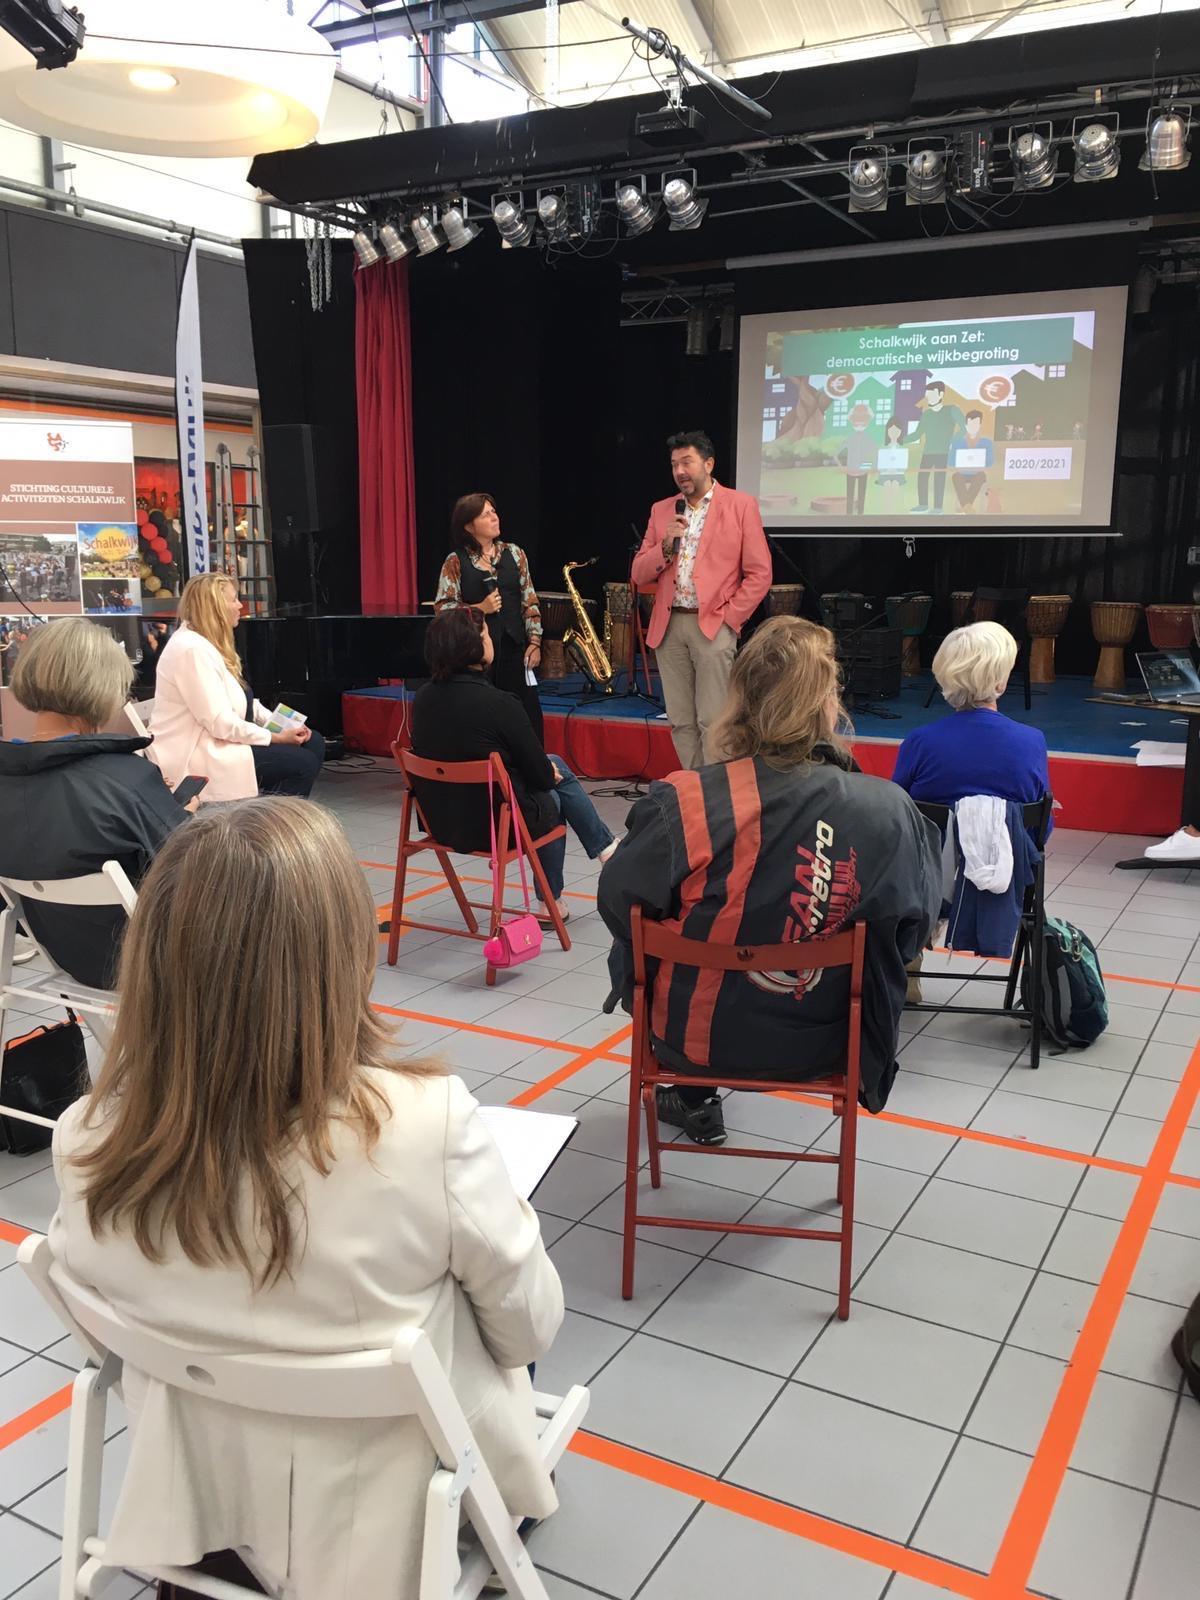 Interessante ideeën van wijkbewoners komen binnen op de website van Haarlem-Schalkwijk aan Zet: 'Niet lullen maar poetsen' [video]